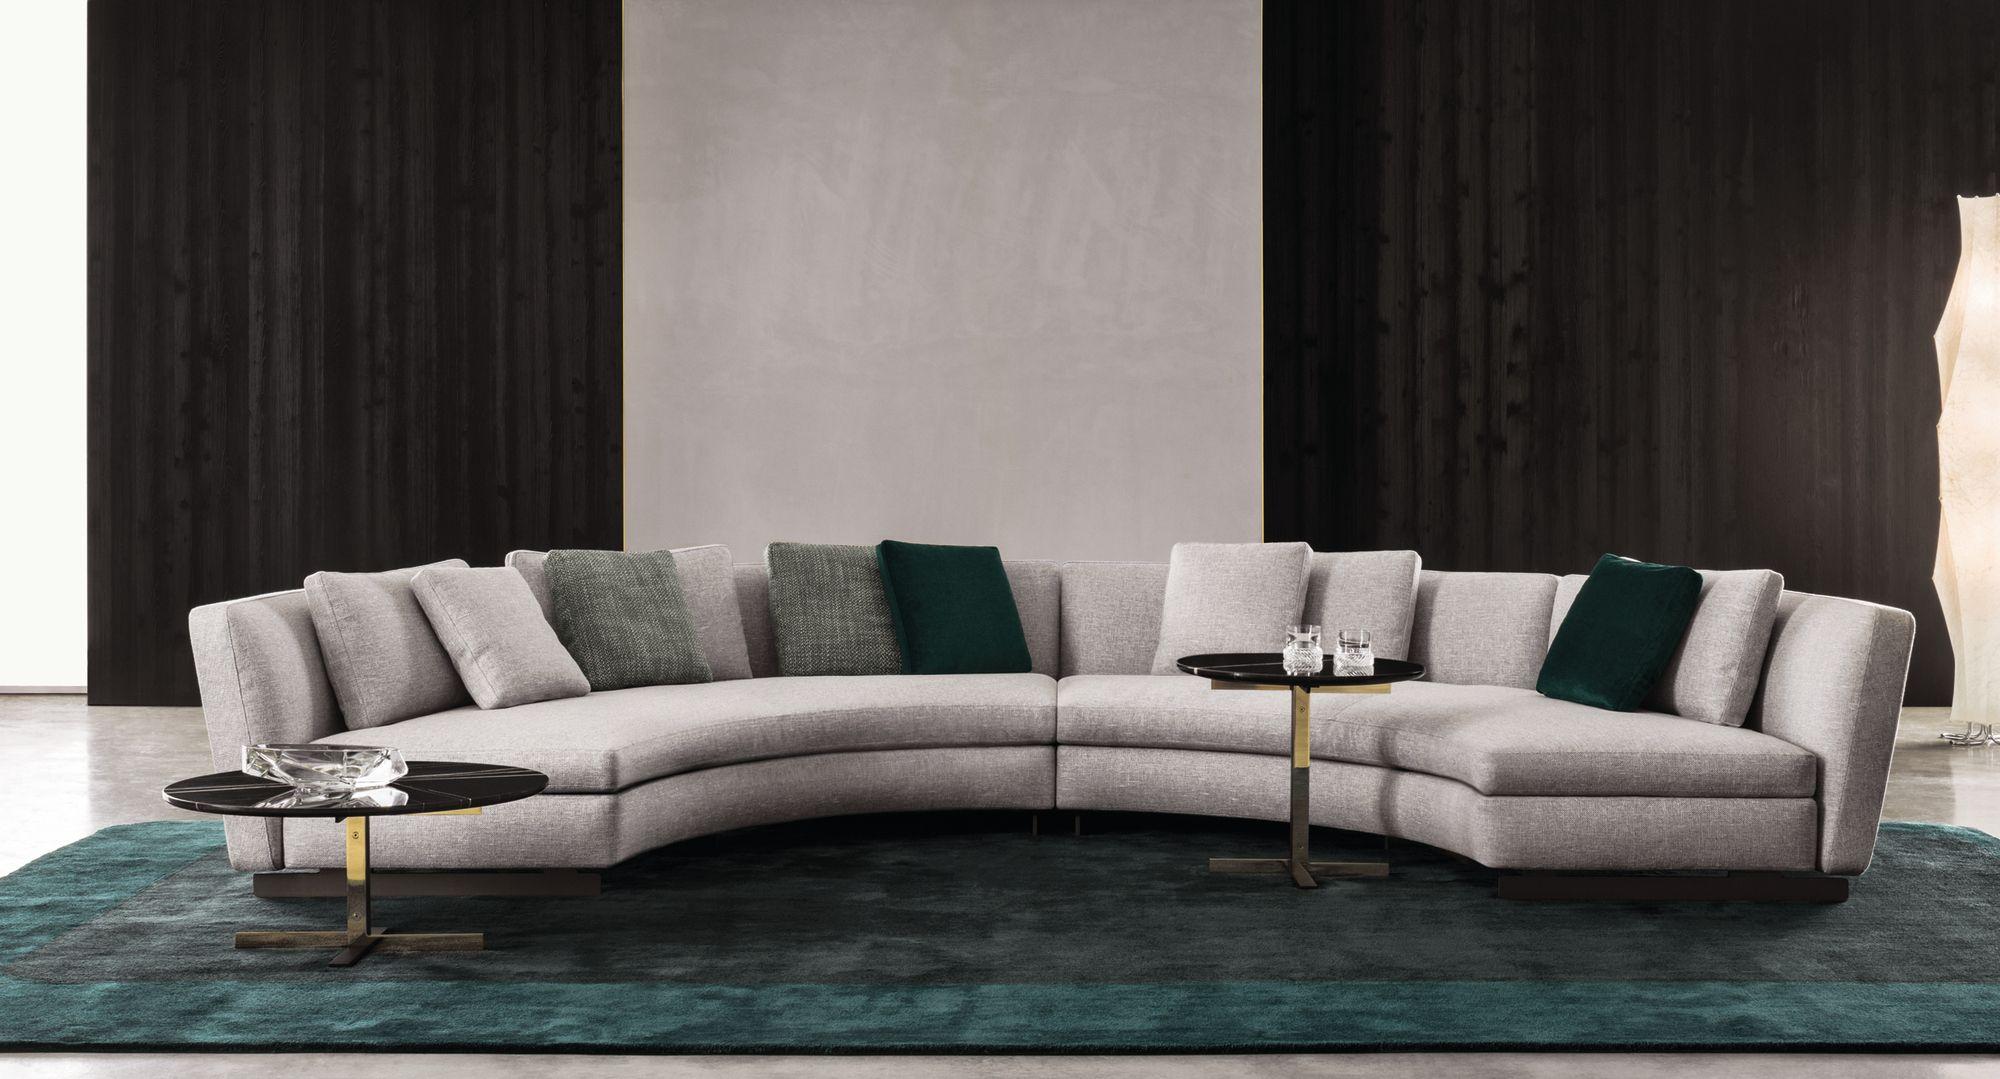 Seymour Sofa By Rodolfo Dordoni For Minotti Round Design Furniture